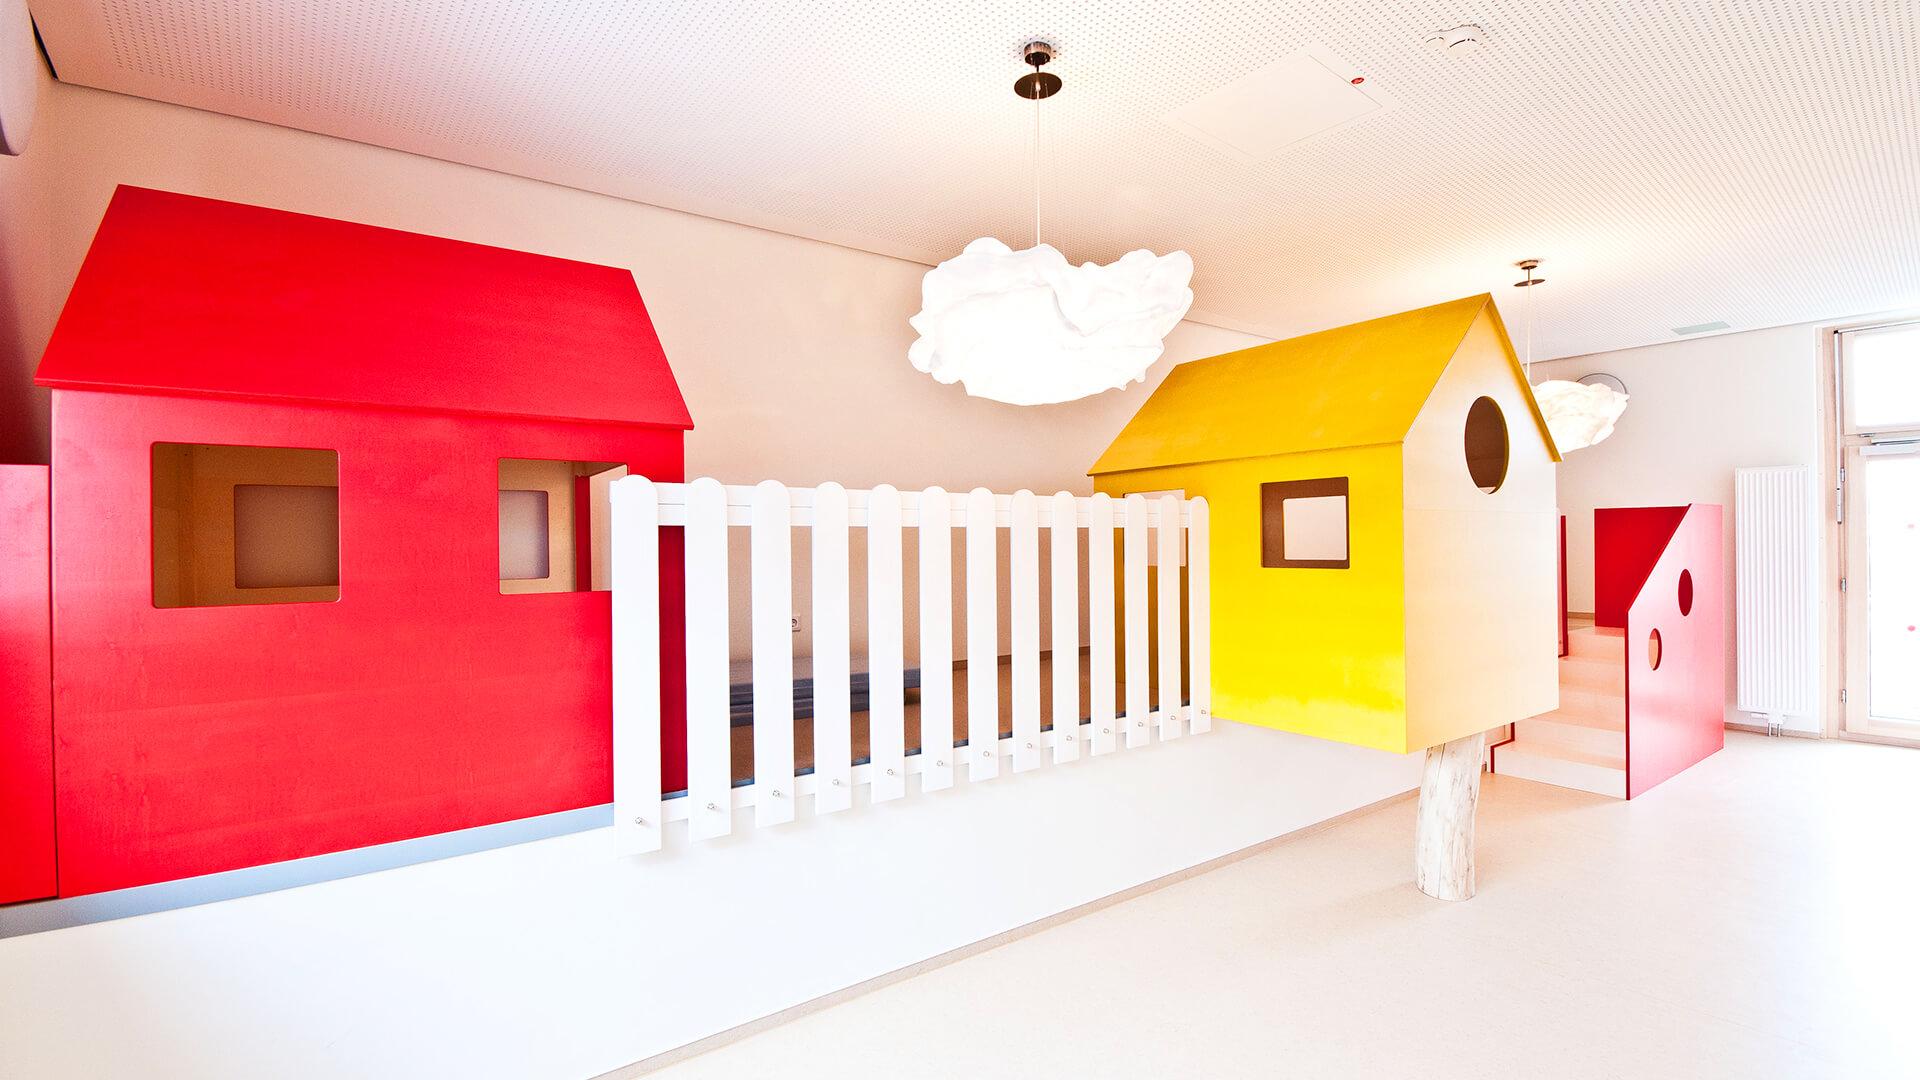 Die Kita hat sogar Tunnels und Kletter-Ecken in Innenräumen - und Wolken als Lampen!